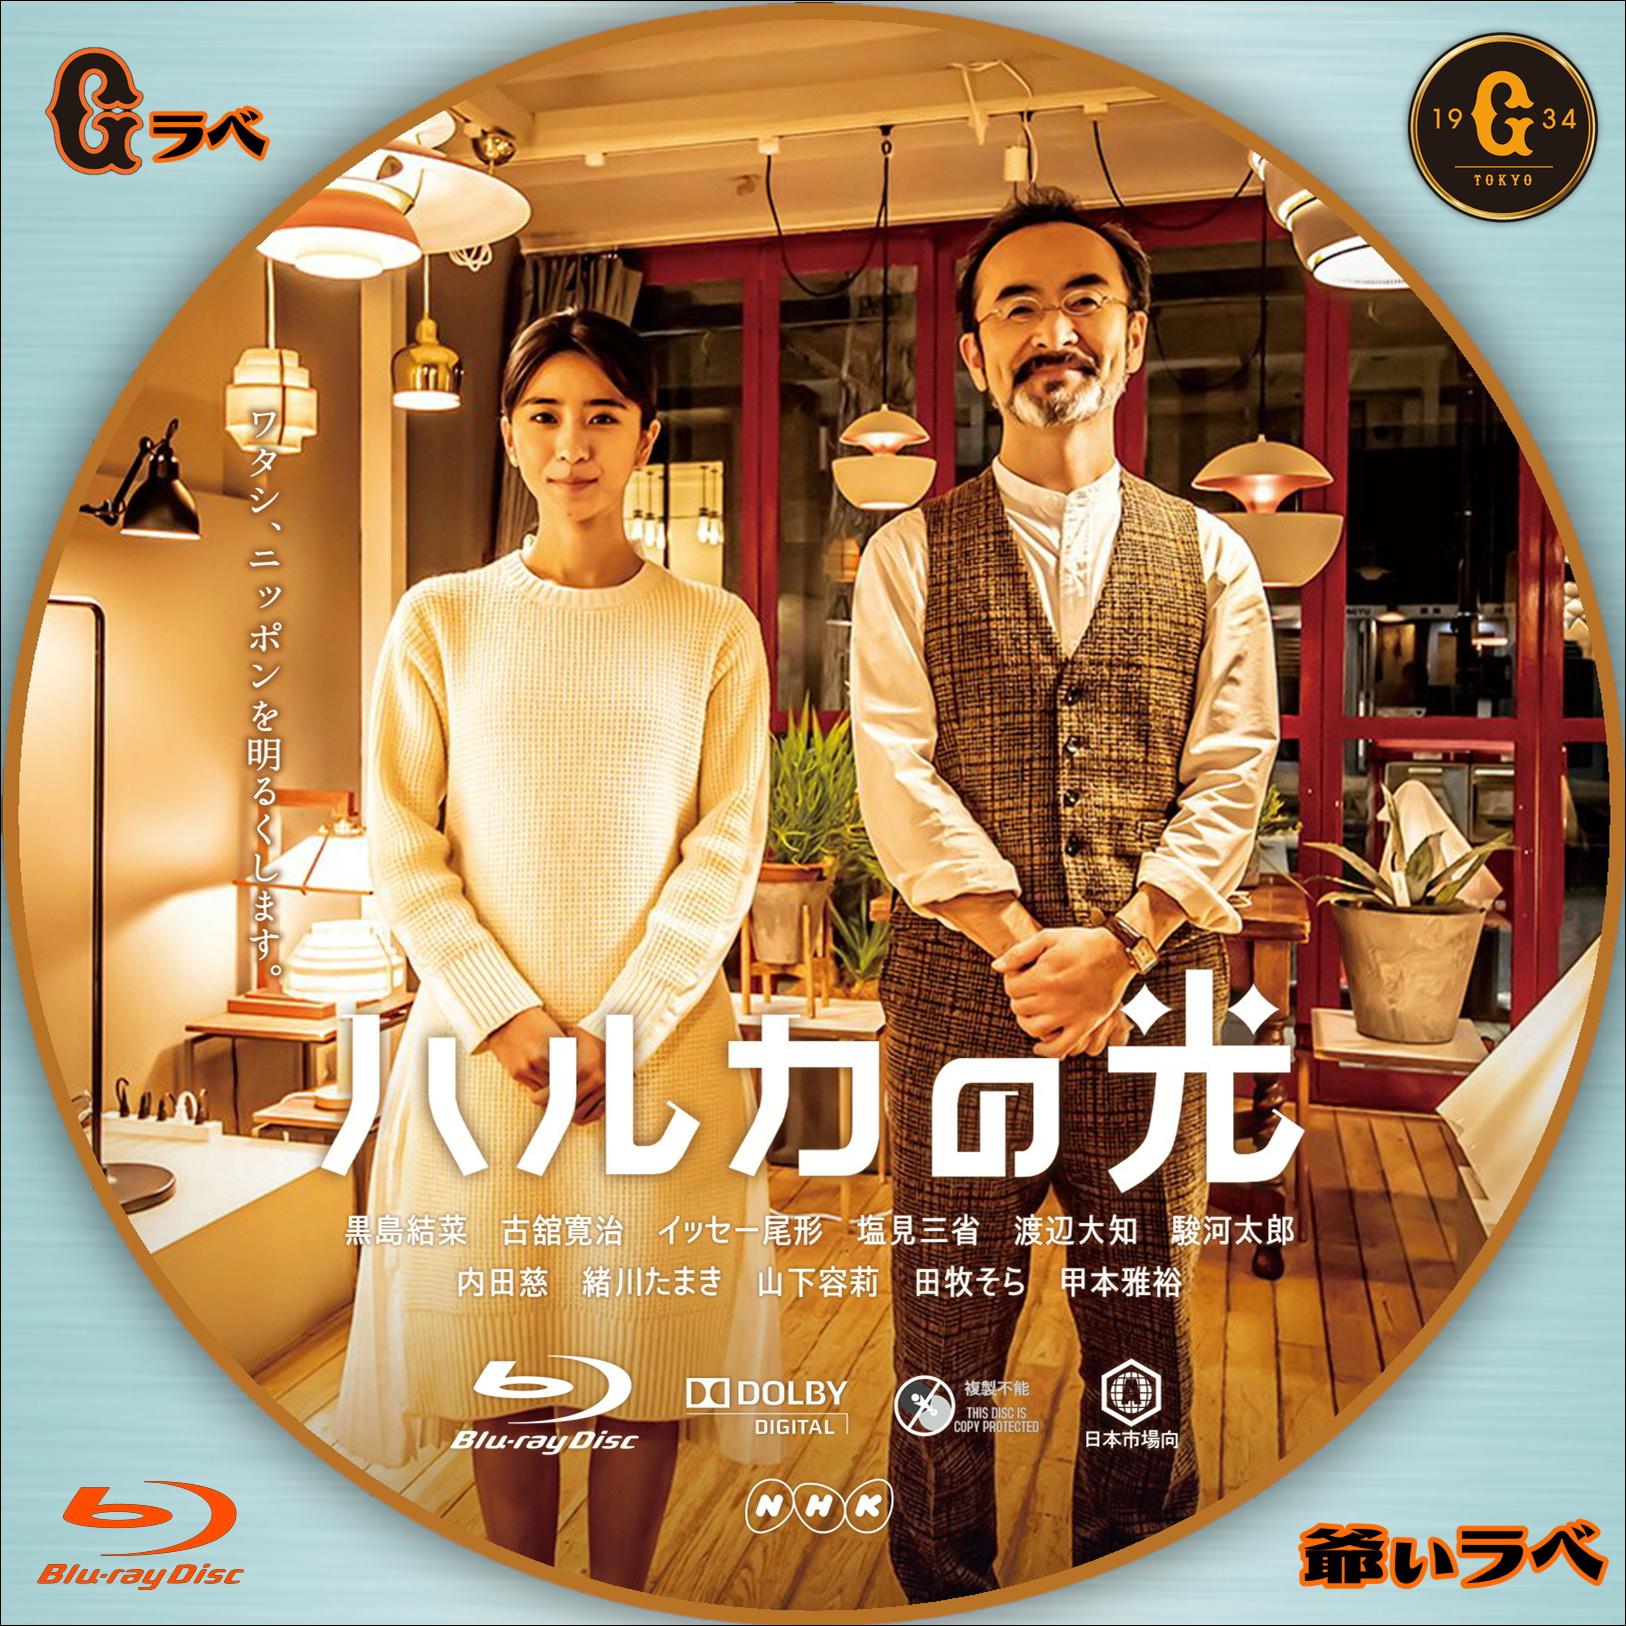 NHK ハルカの光(Blu-ray)